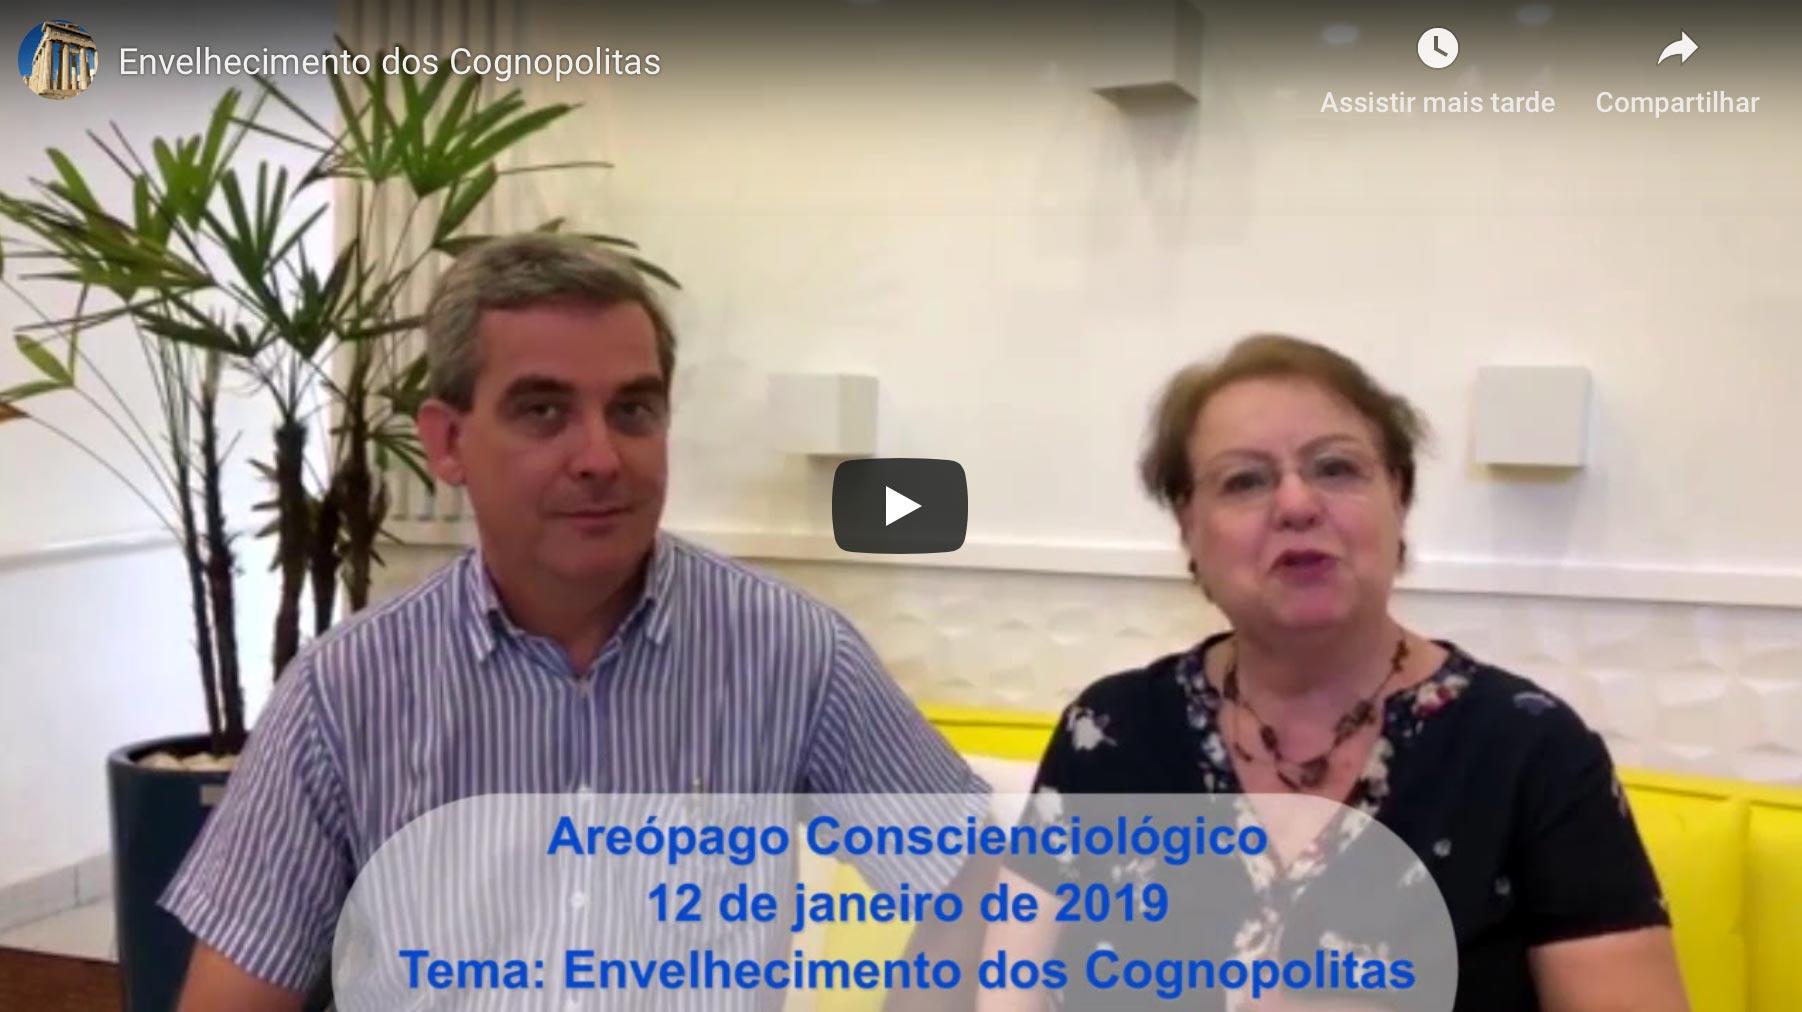 Areópago Conscienciológico V: Envelhecimento Dos Cognopolitas